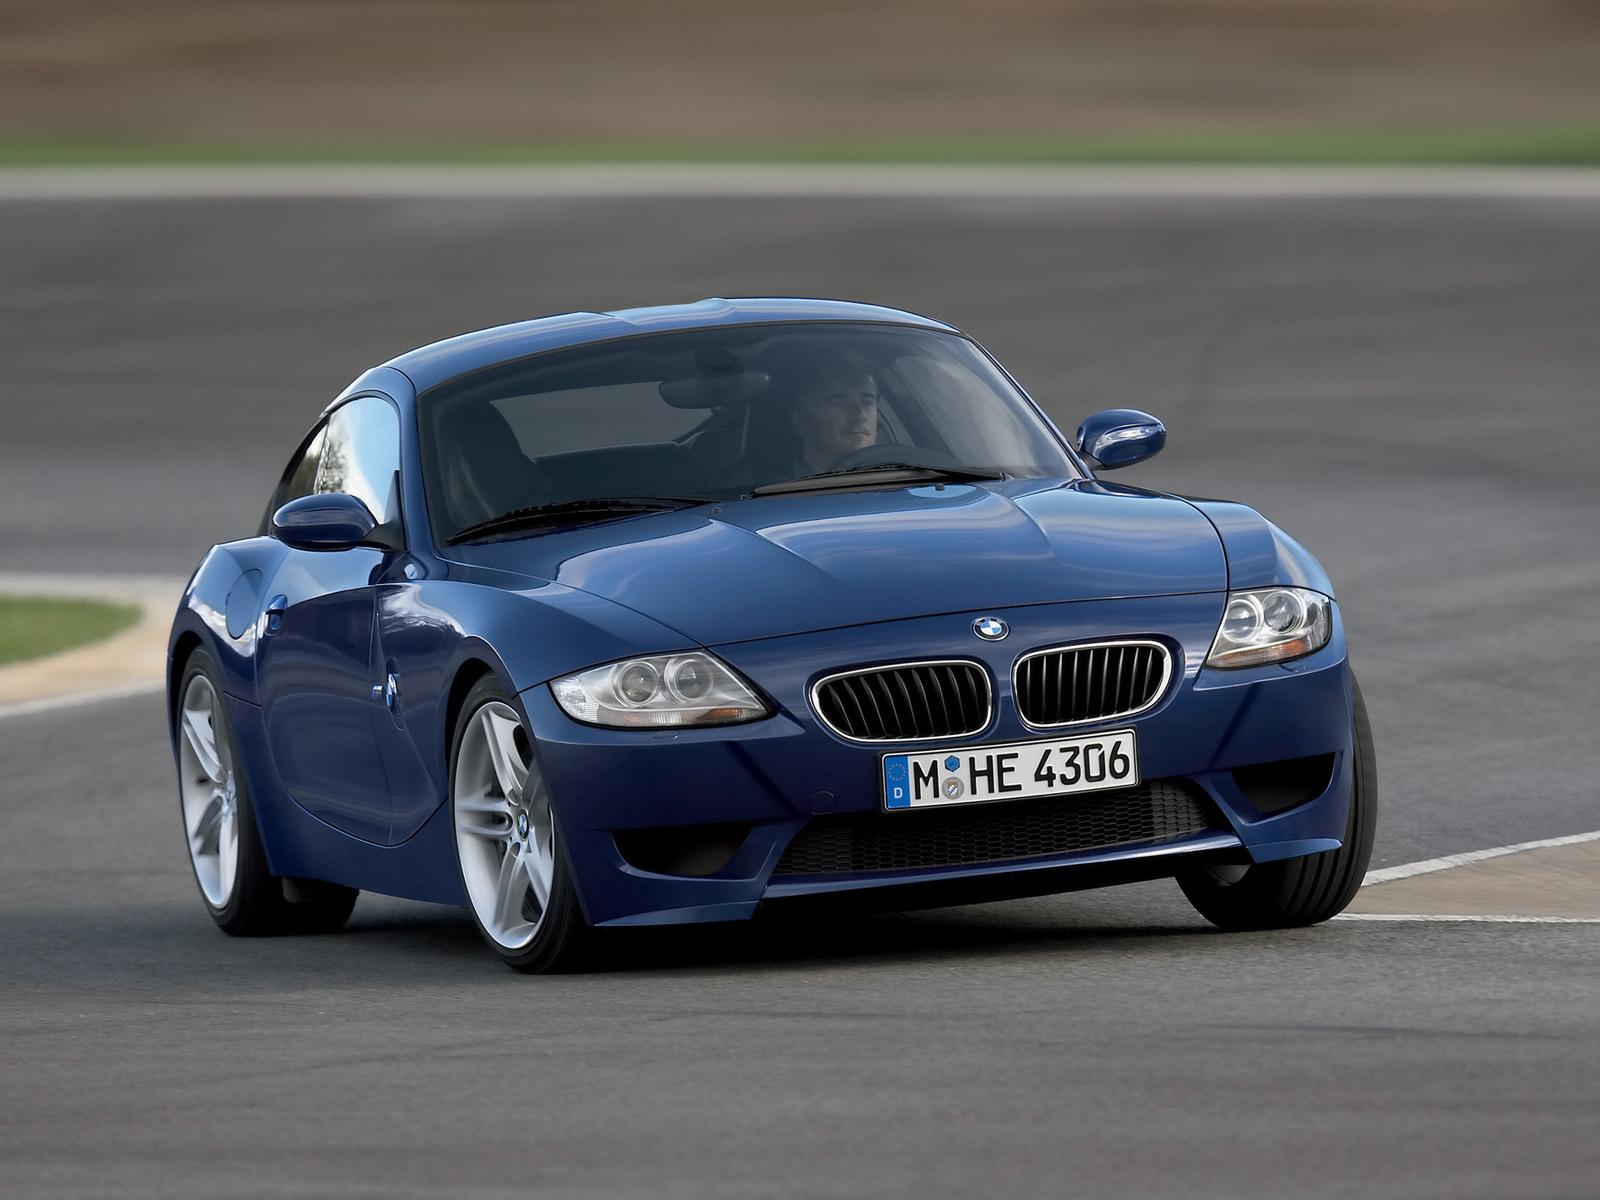 2006 BMW Z4 M Coupe Image. https://www.conceptcarz.com/images/BMW ...